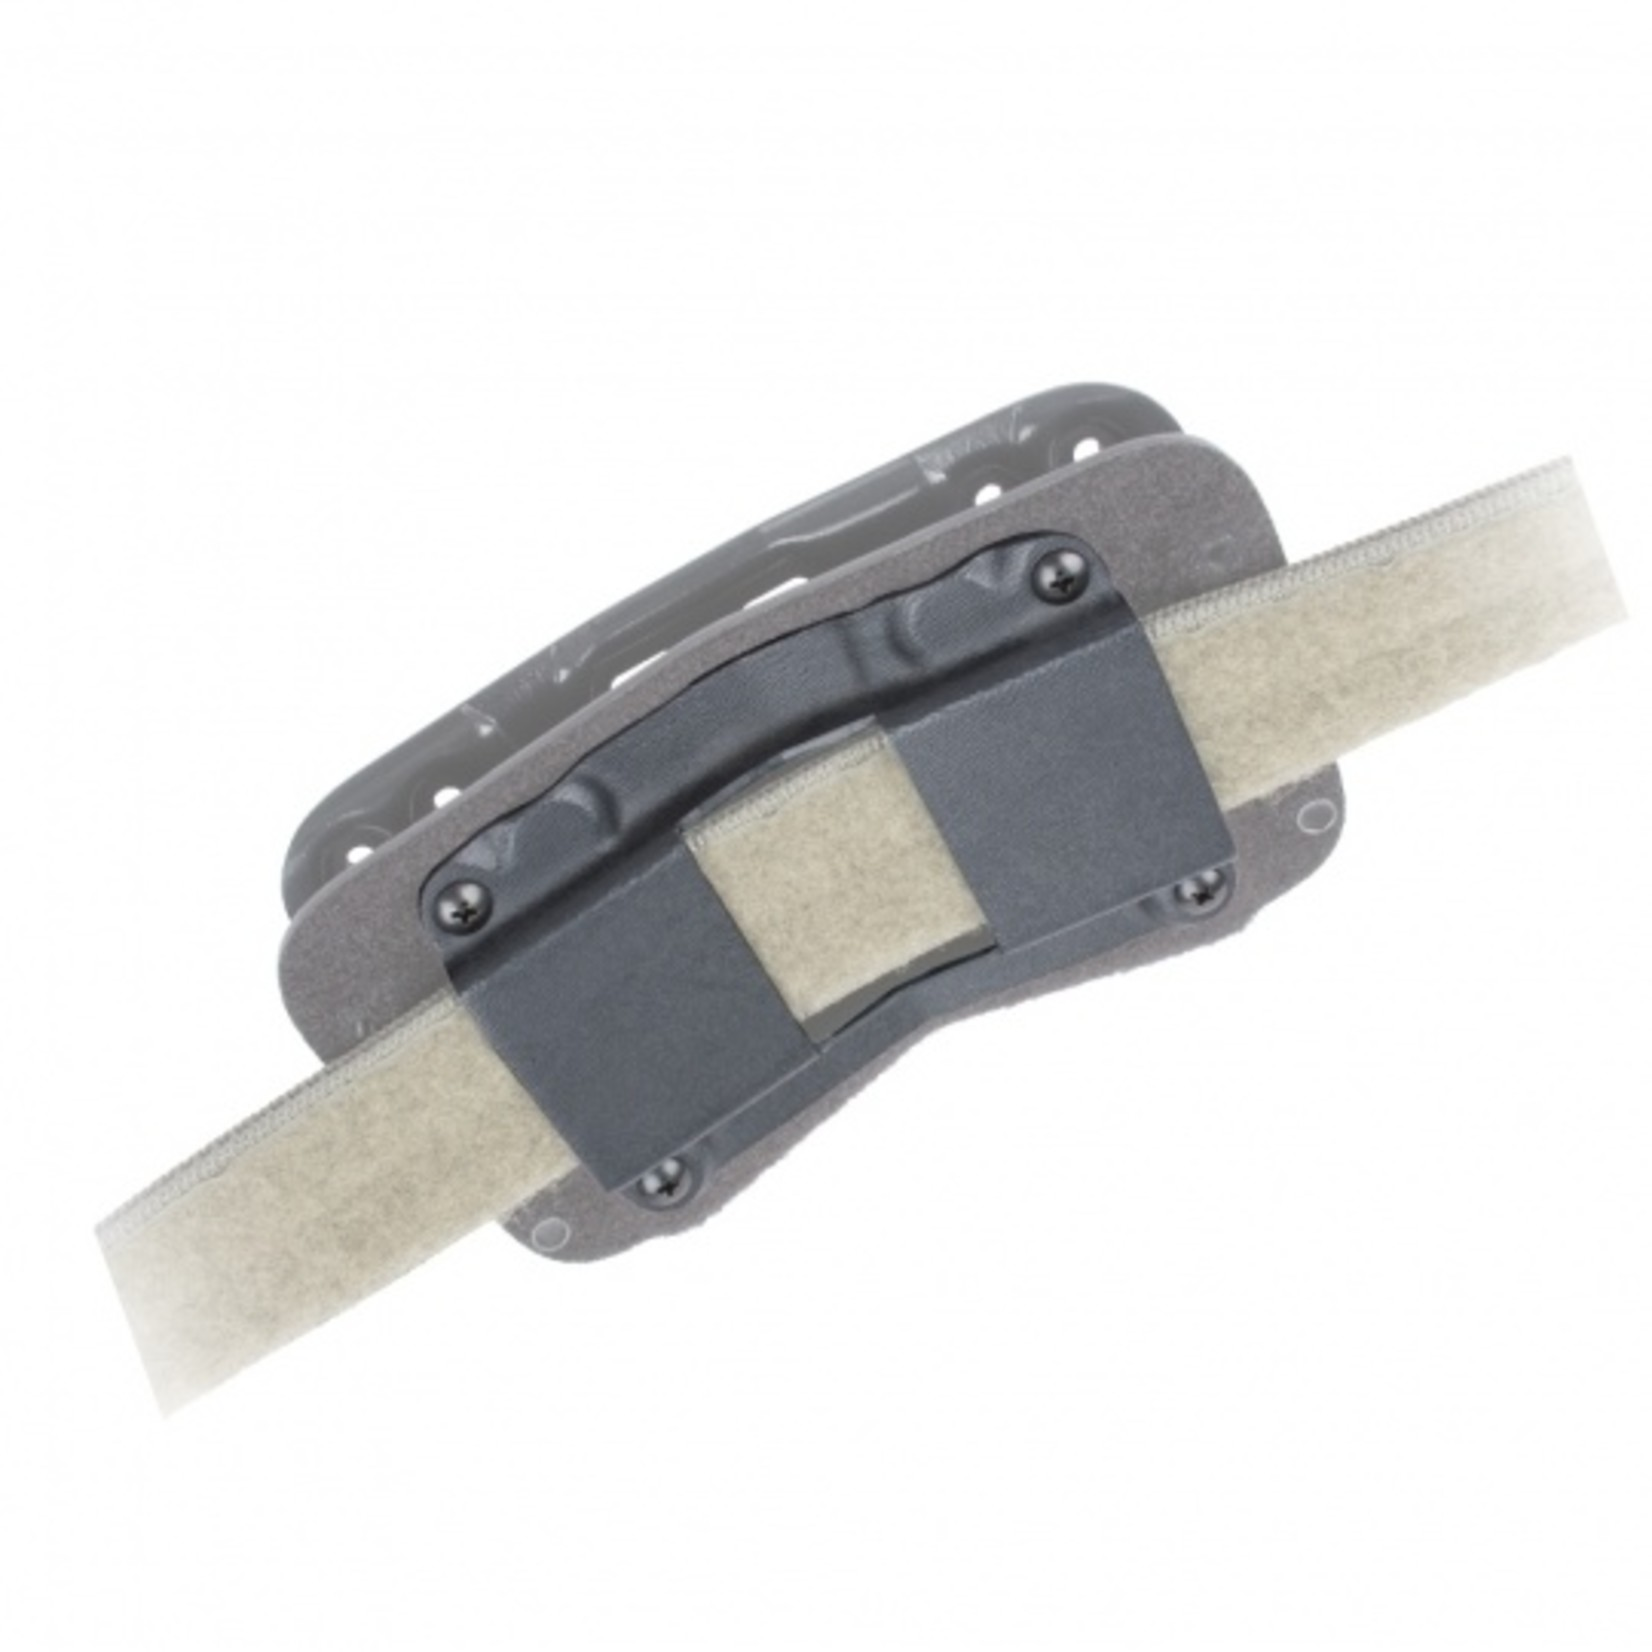 G-CODE HSP D3 501 BELT ADAPTER